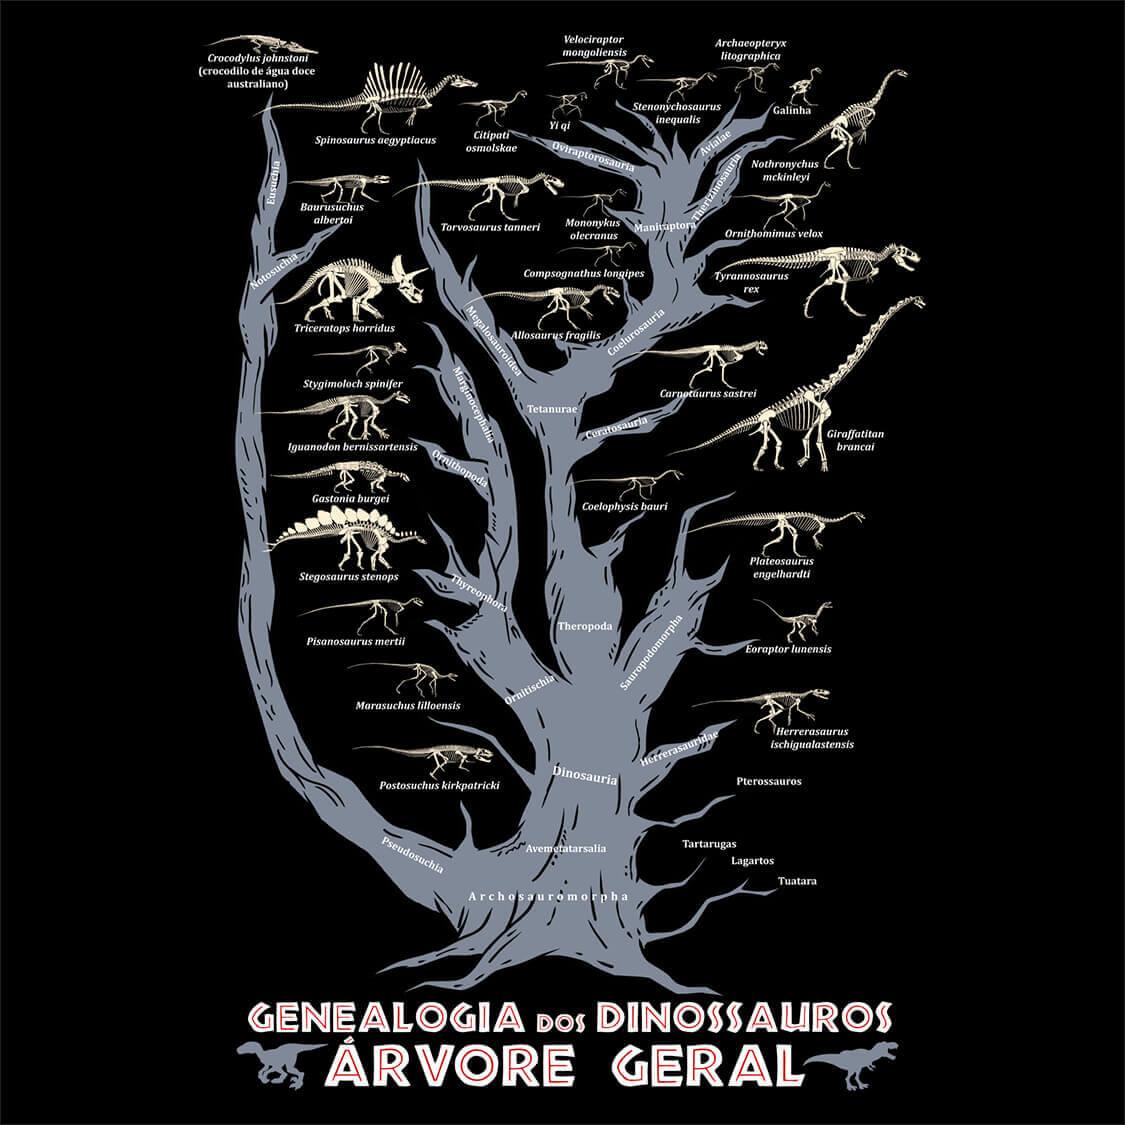 Moletom Genealogia dos Dinossauros Geral - Unissex